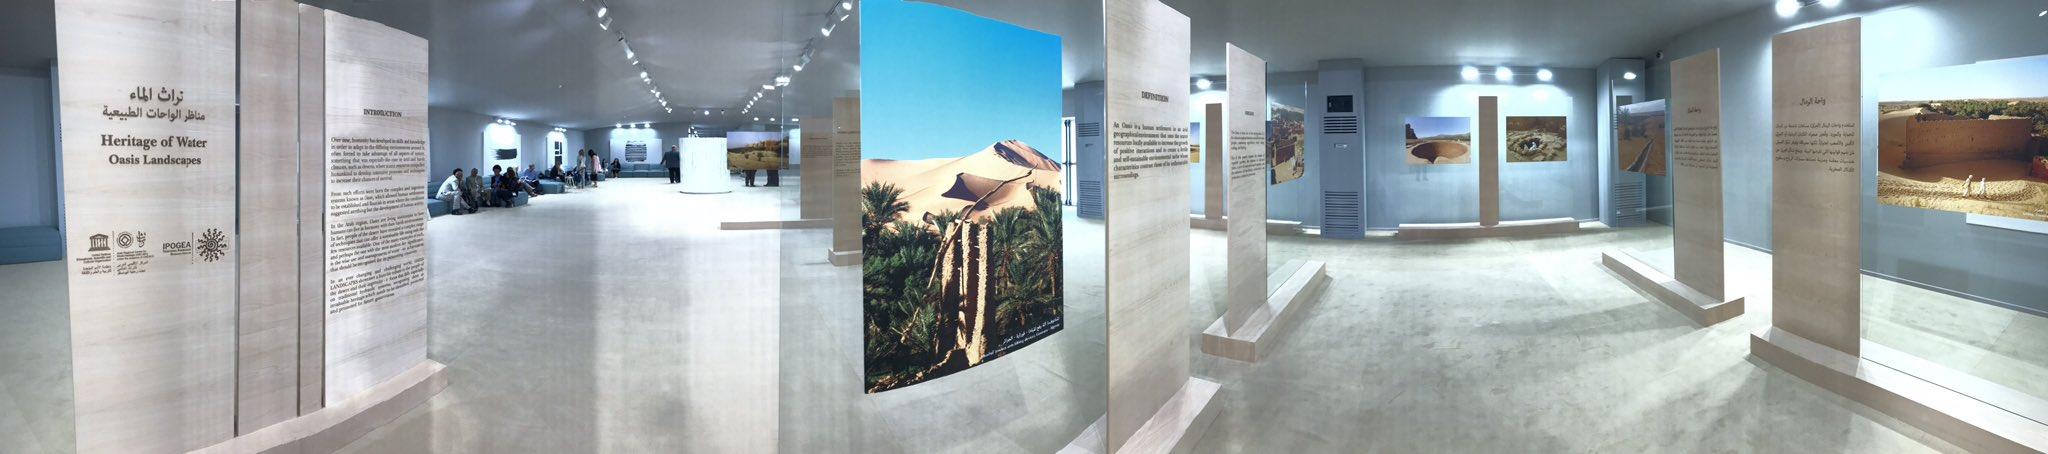 Exhibit-Oasis landscapes-IPOGEA Manama- Barein